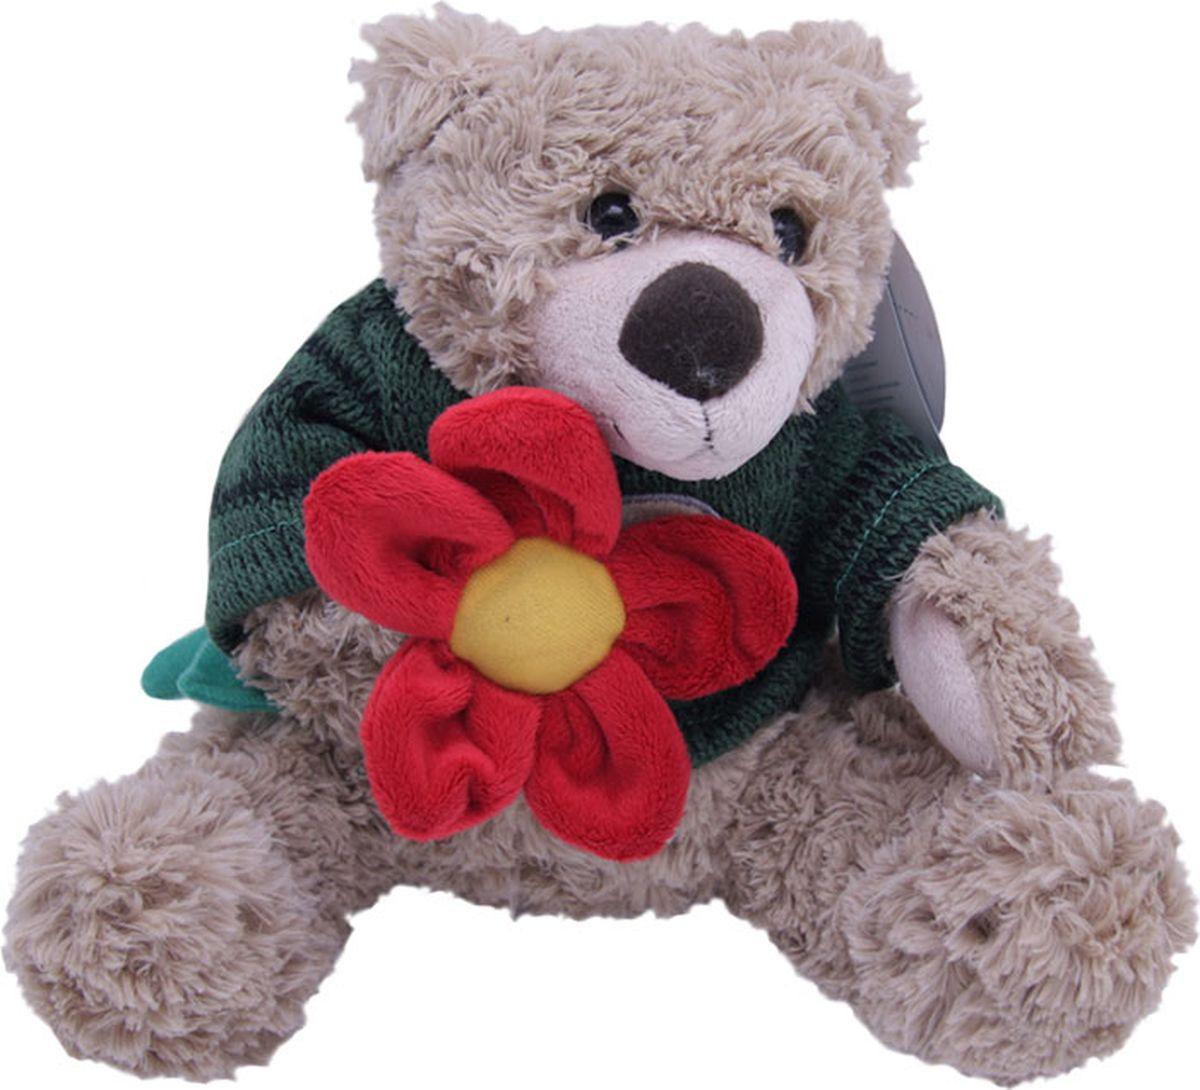 Magic Bear Toys Мягкая игрушка Мишка Тед в свитере c цветком 20 см magic bear toys мягкая игрушка медведь с заплатками в шарфе цвет коричневый 120 см